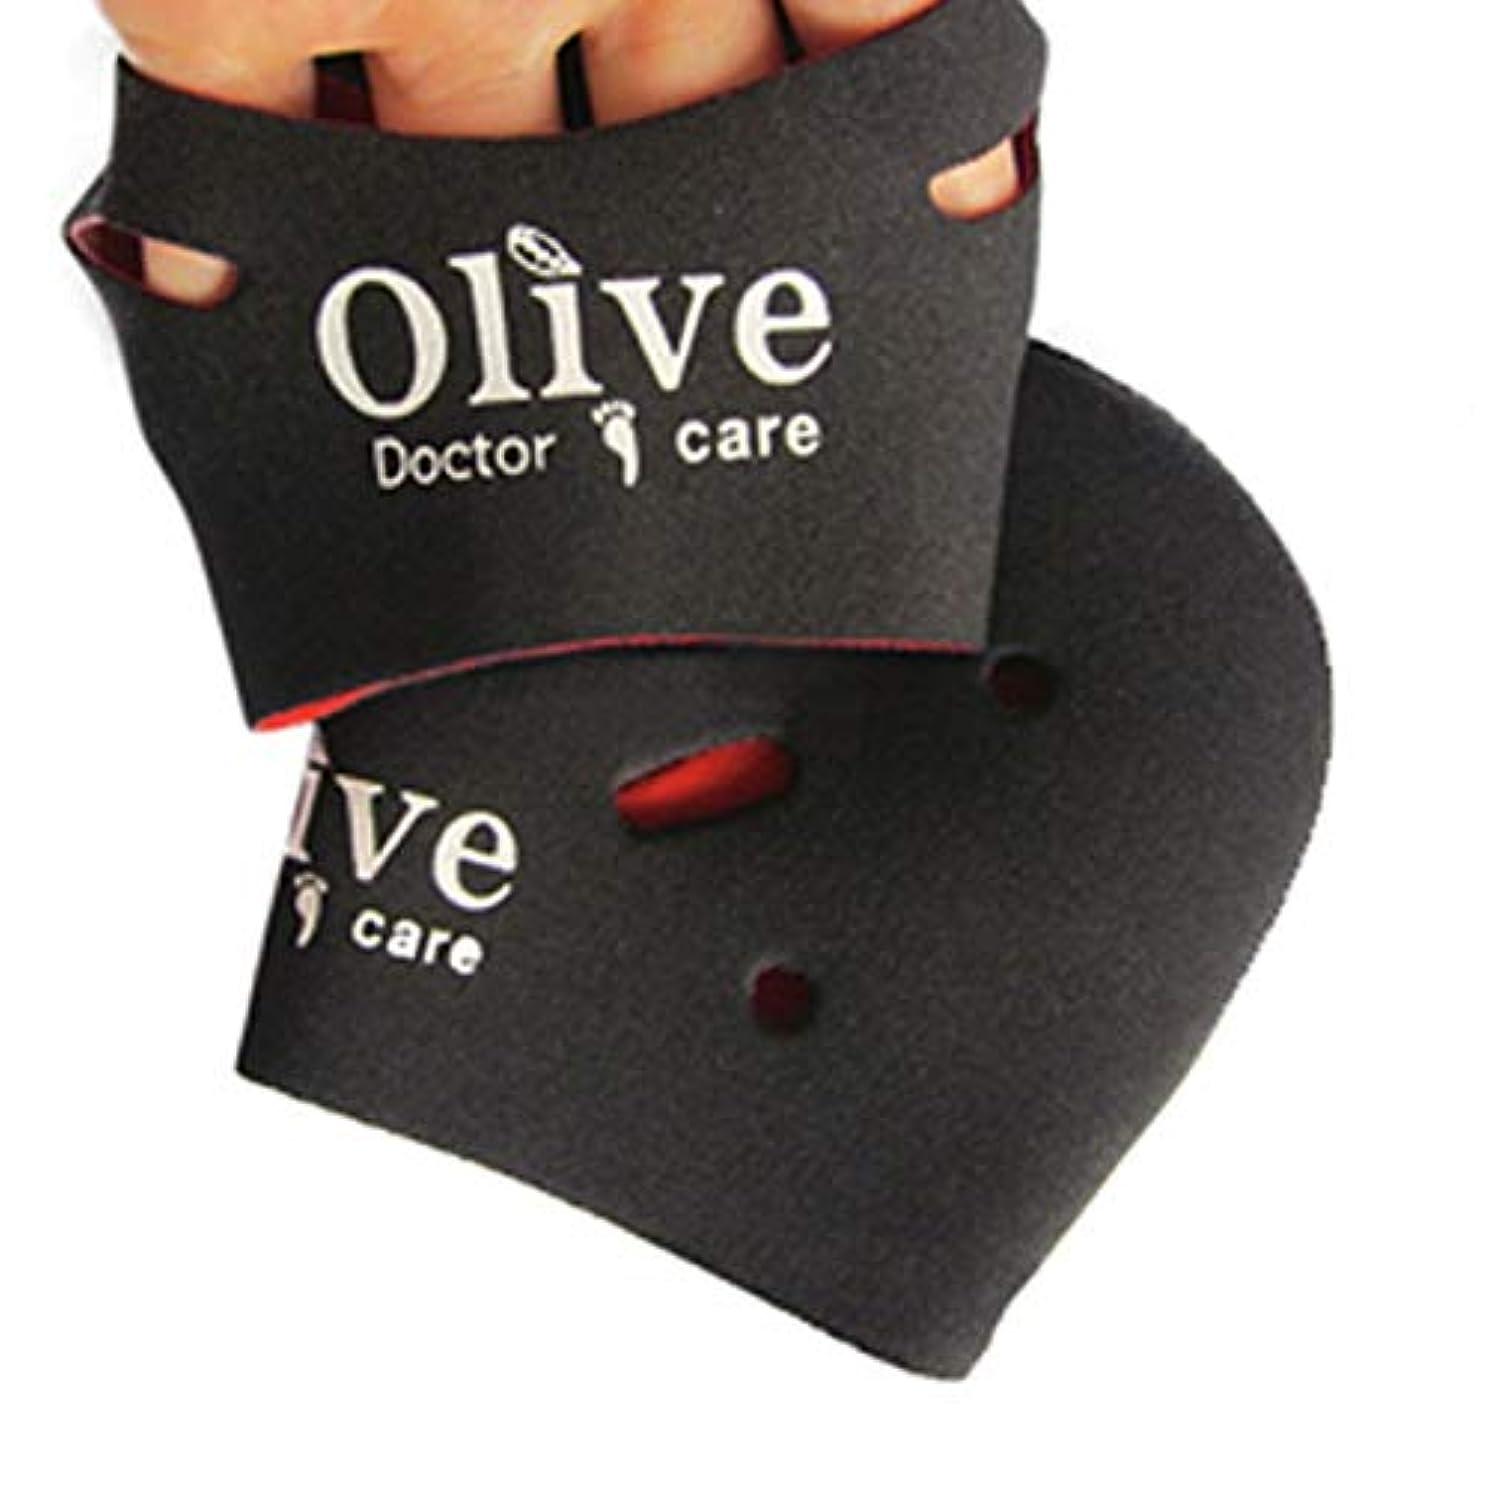 シングル犯人ハンバーガー[NICE-SHOP]かかとケア靴下 Olive Doctor Care